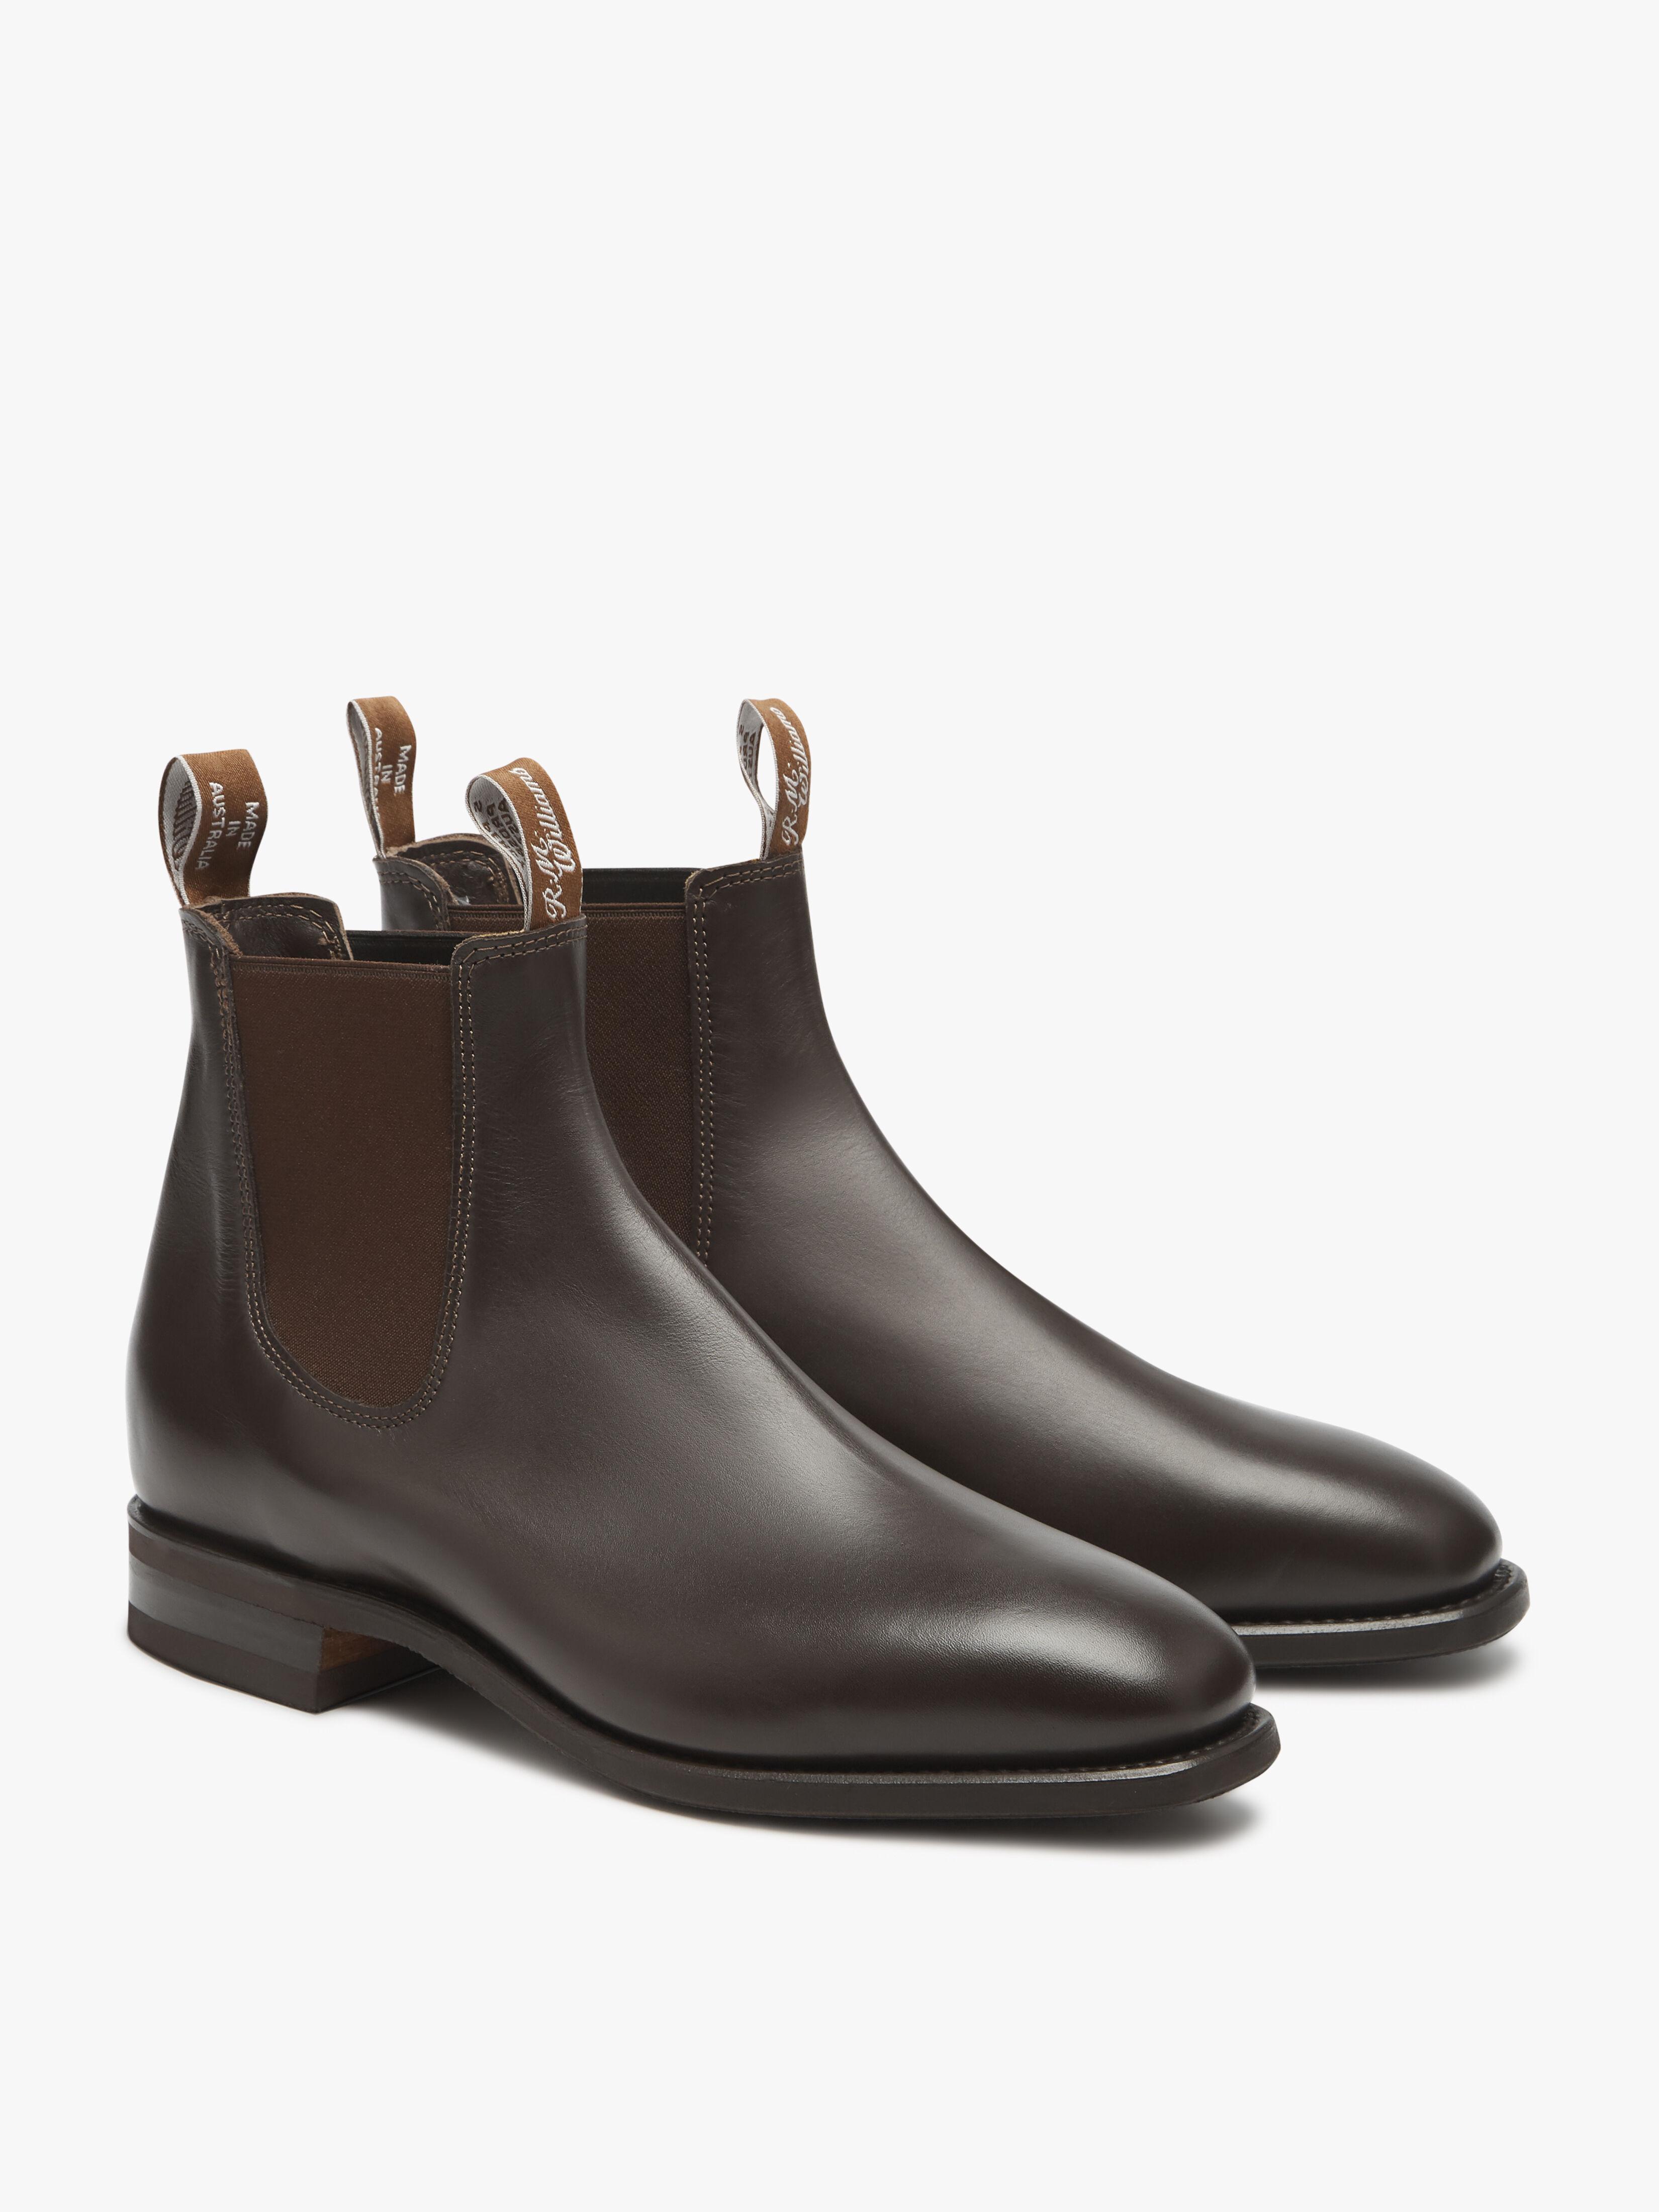 elastic sided dress boots